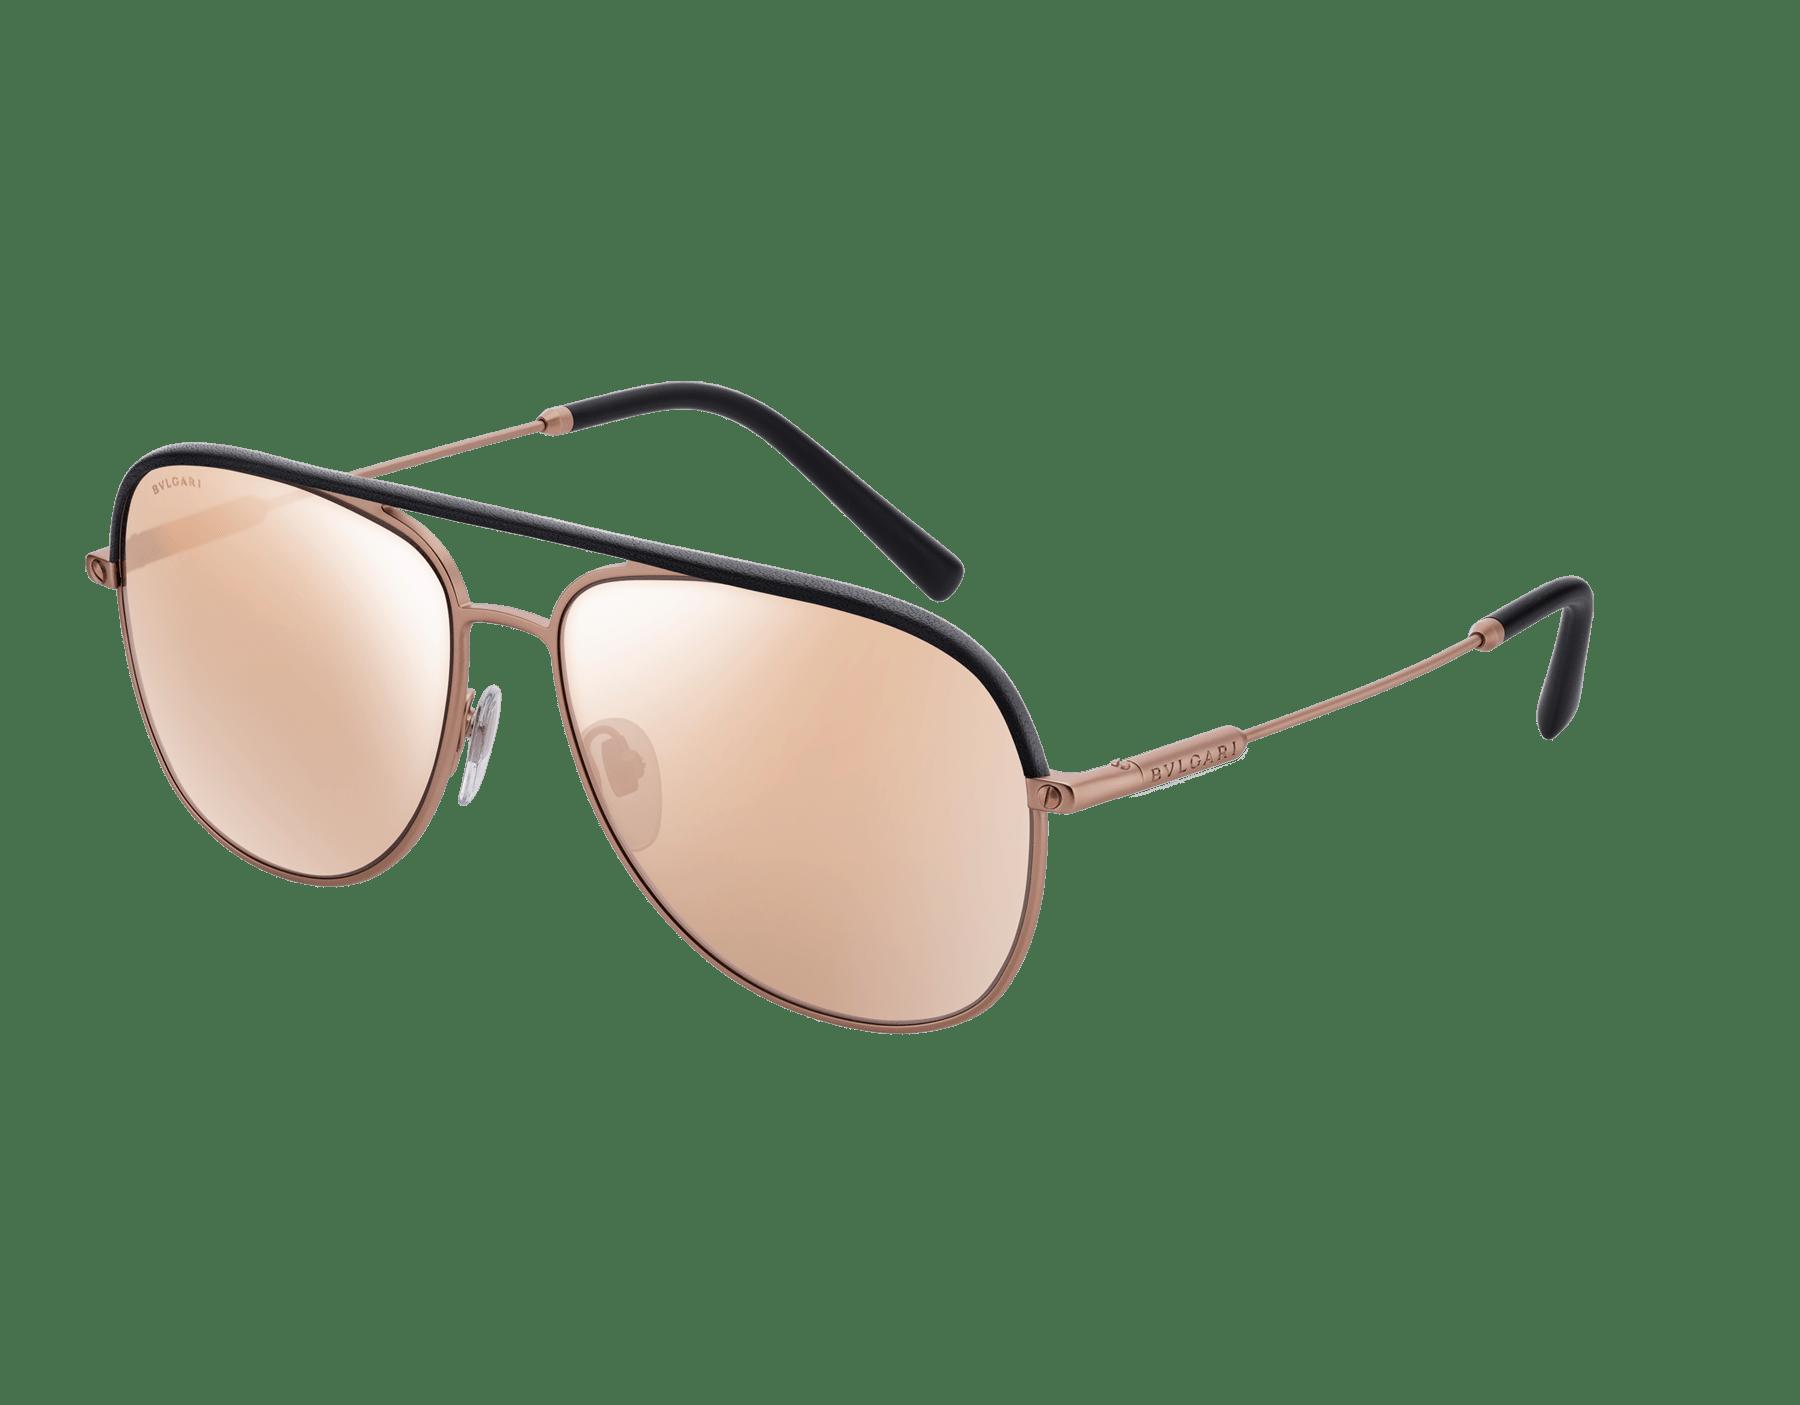 Óculos de sol Bvlgari Diagono com formato aviador em metal com inserções de couro. 903673 image 1